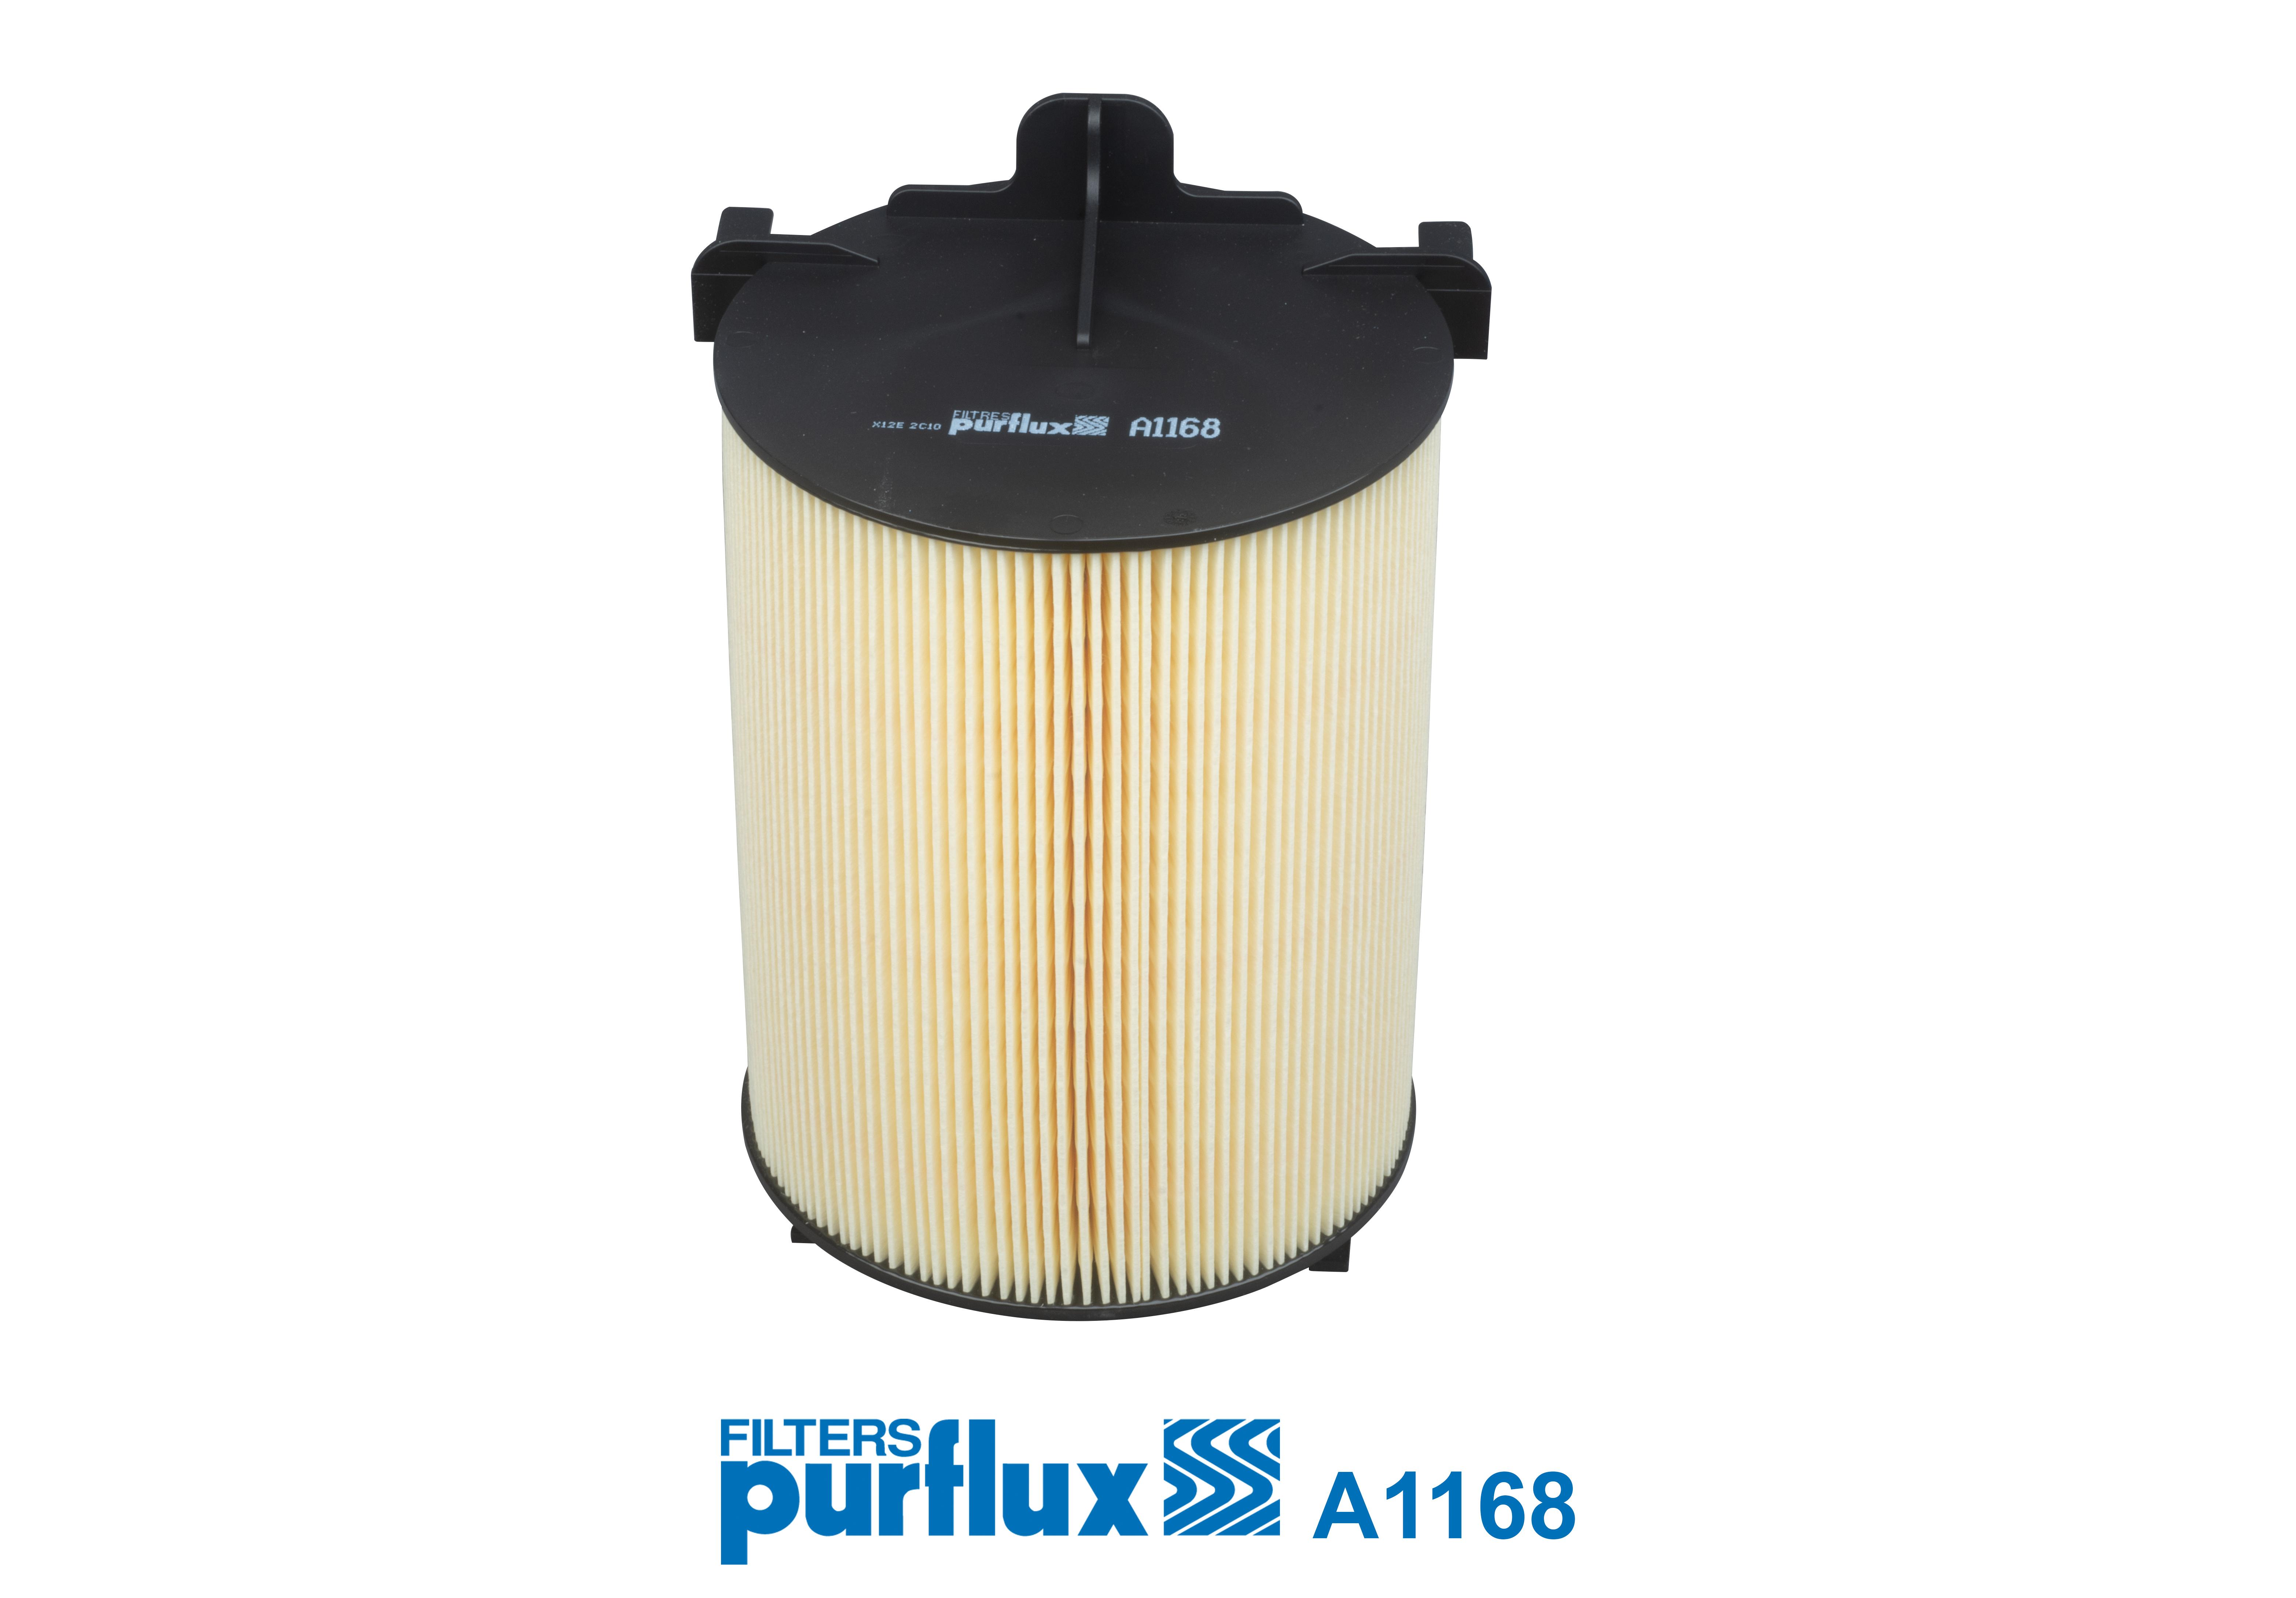 Purflux A1344 filtre /à air moteur